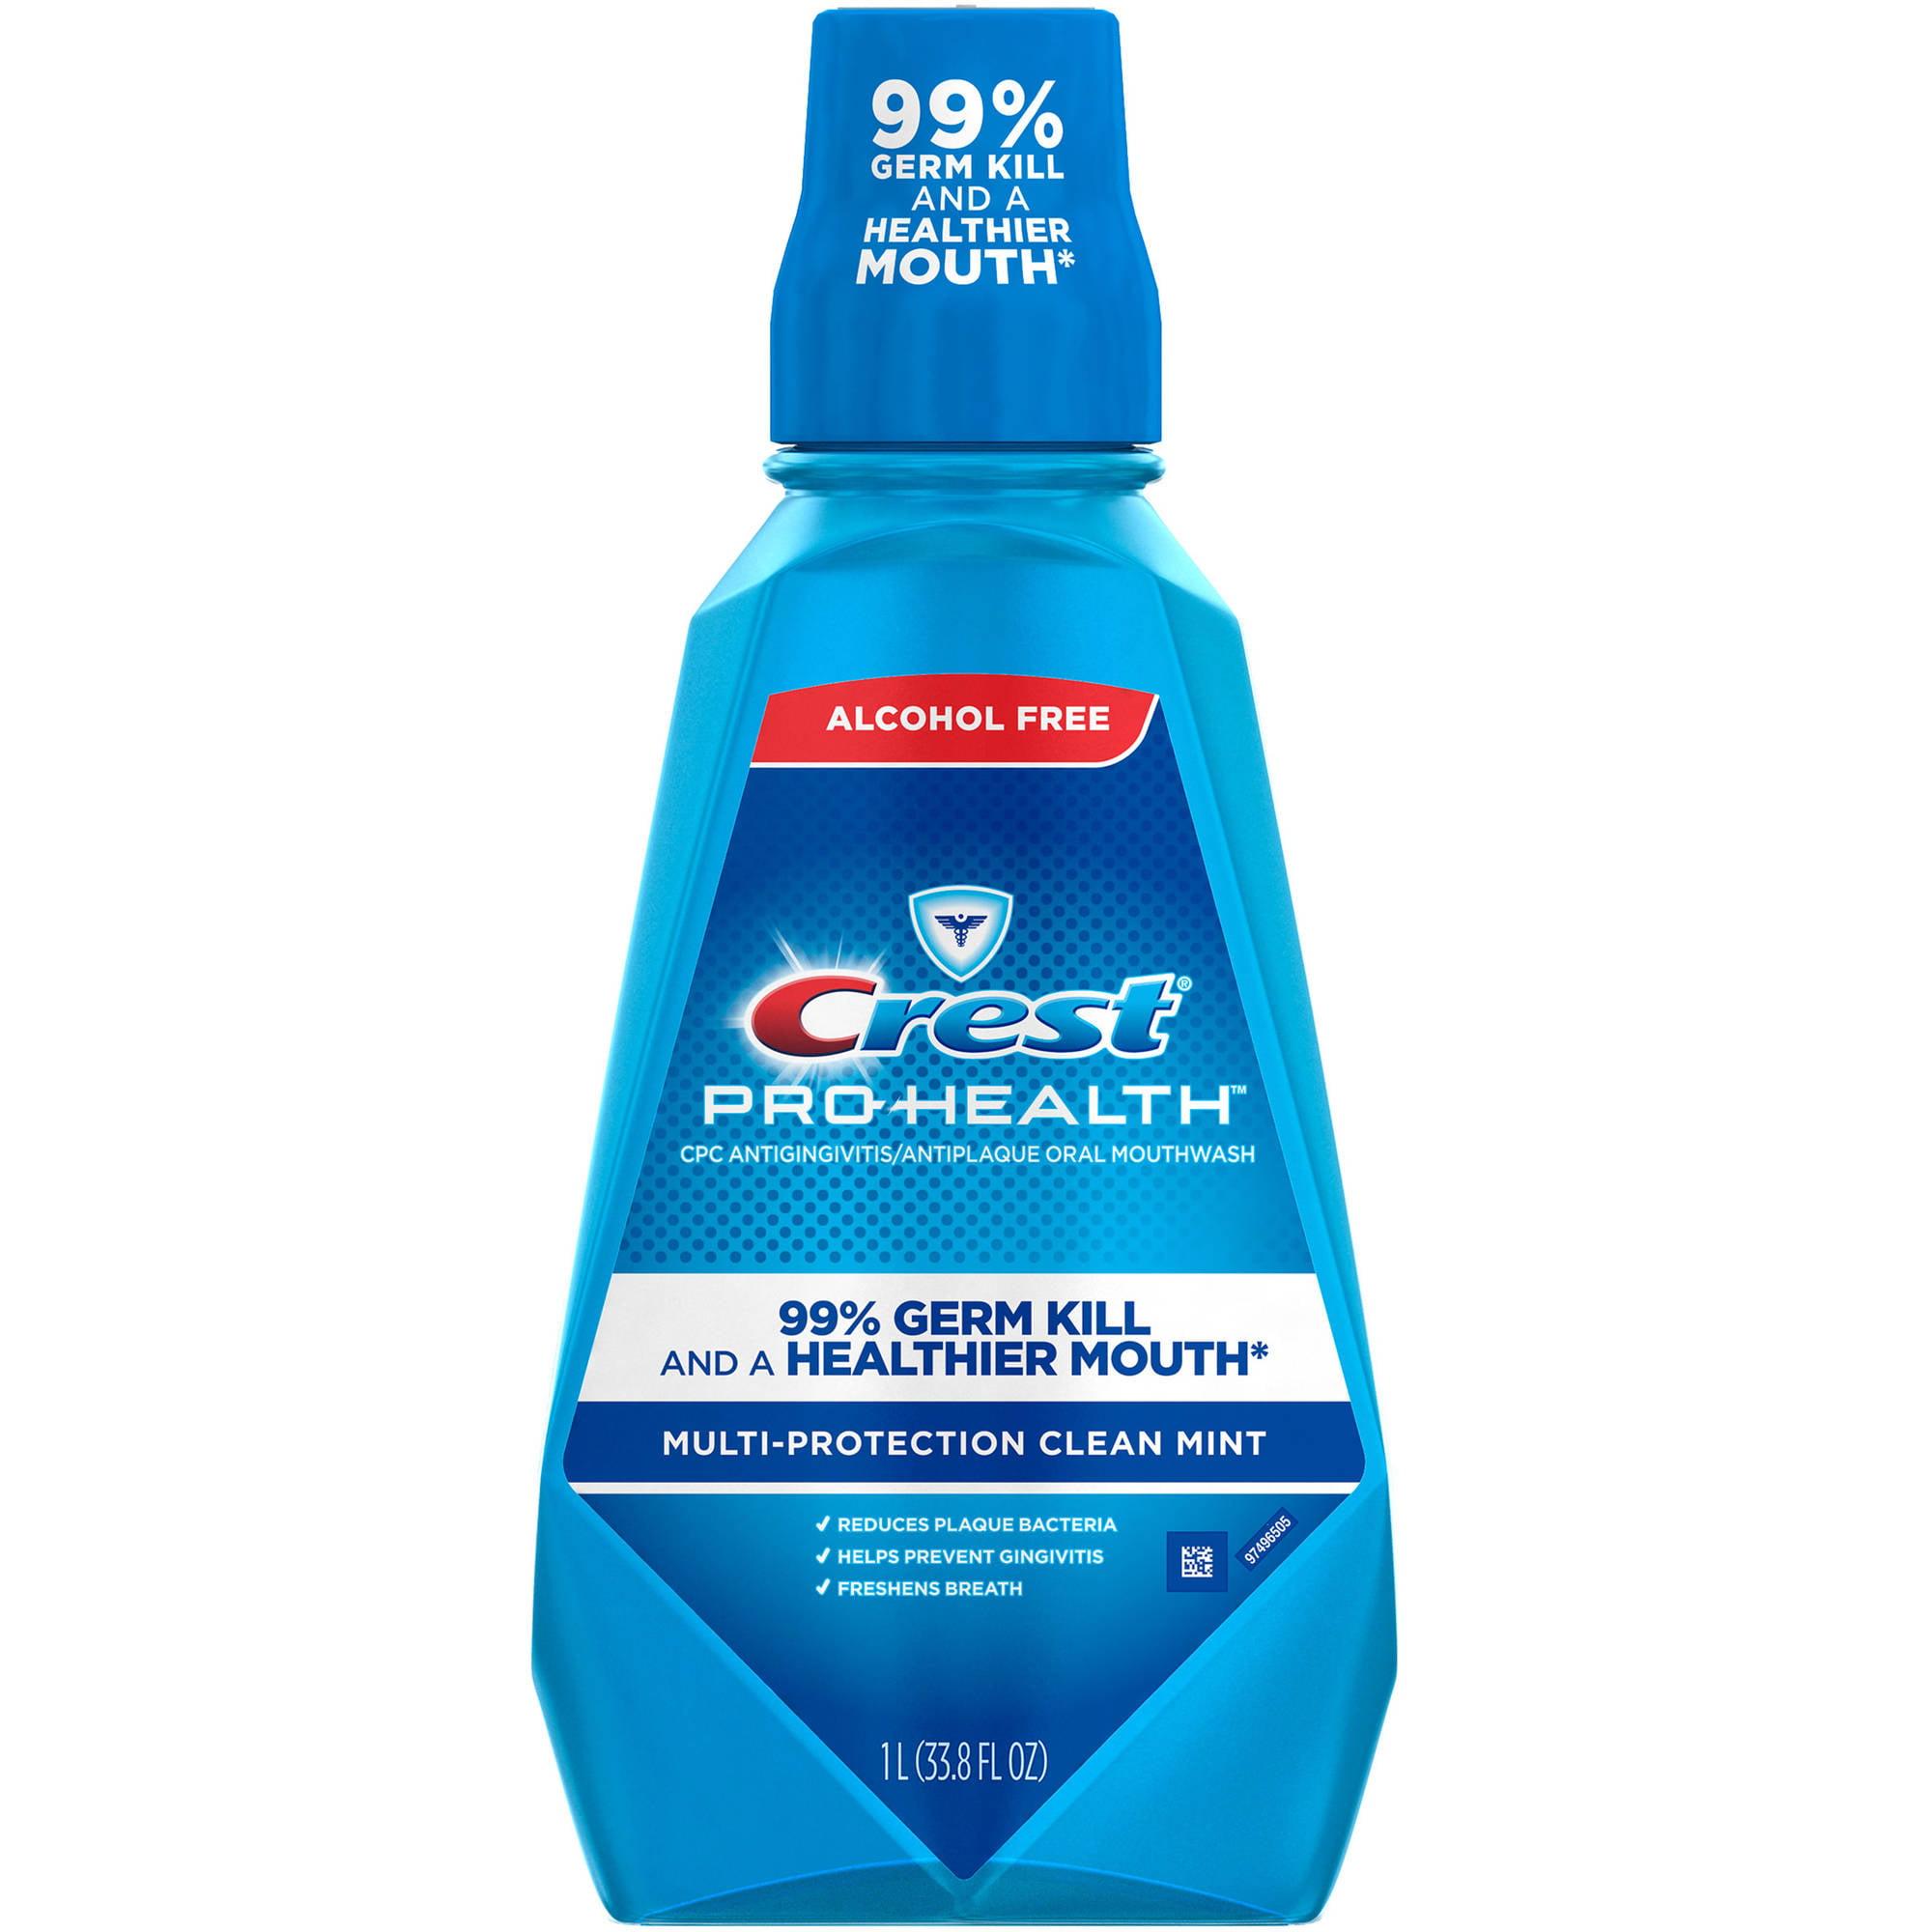 Crest Pro-Health Multi Protection Clean Mint Mouthwash, 33.8 fl oz